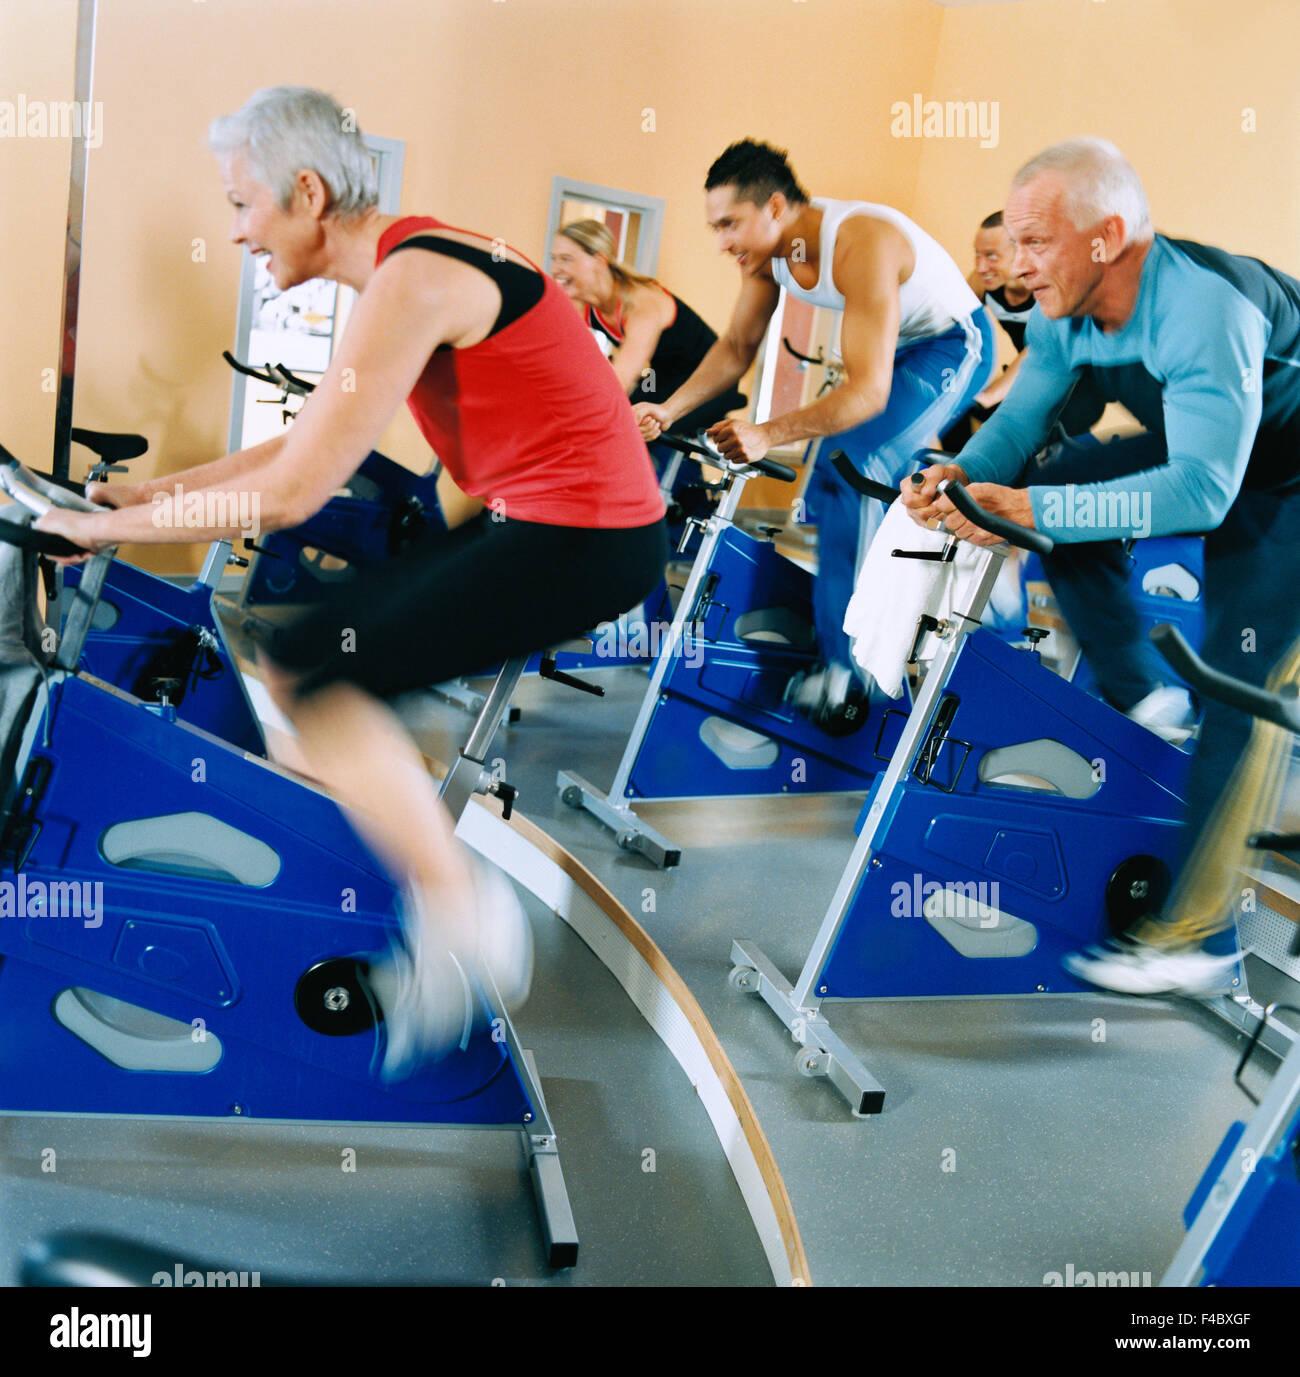 20-24 anni 30-34 anni di attività solo adulti atleta bodybuilding bicicletta colore ciclo immagine esercizio Immagini Stock